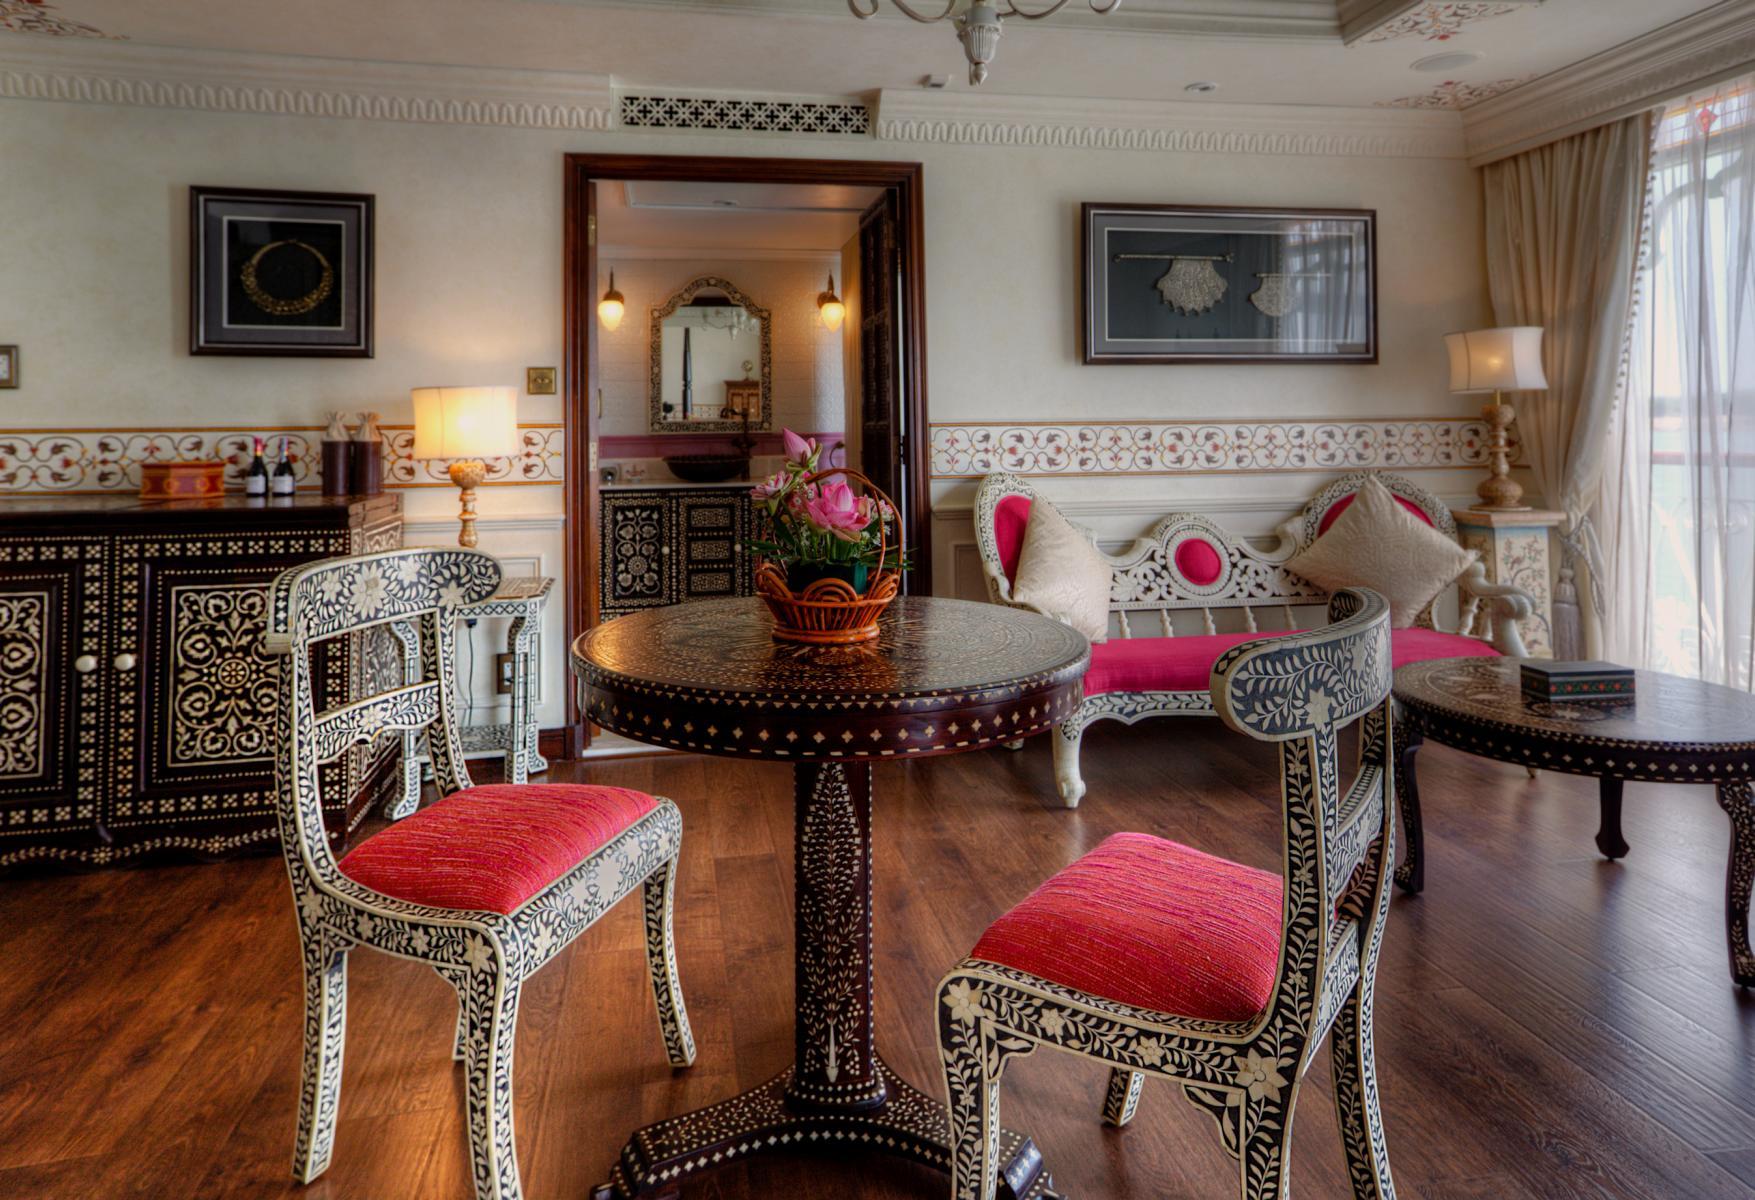 Wohnzimmer einer Suite auf der Jahan der Heritage Line auf dem Mekong in Vietnam und Kambodscha